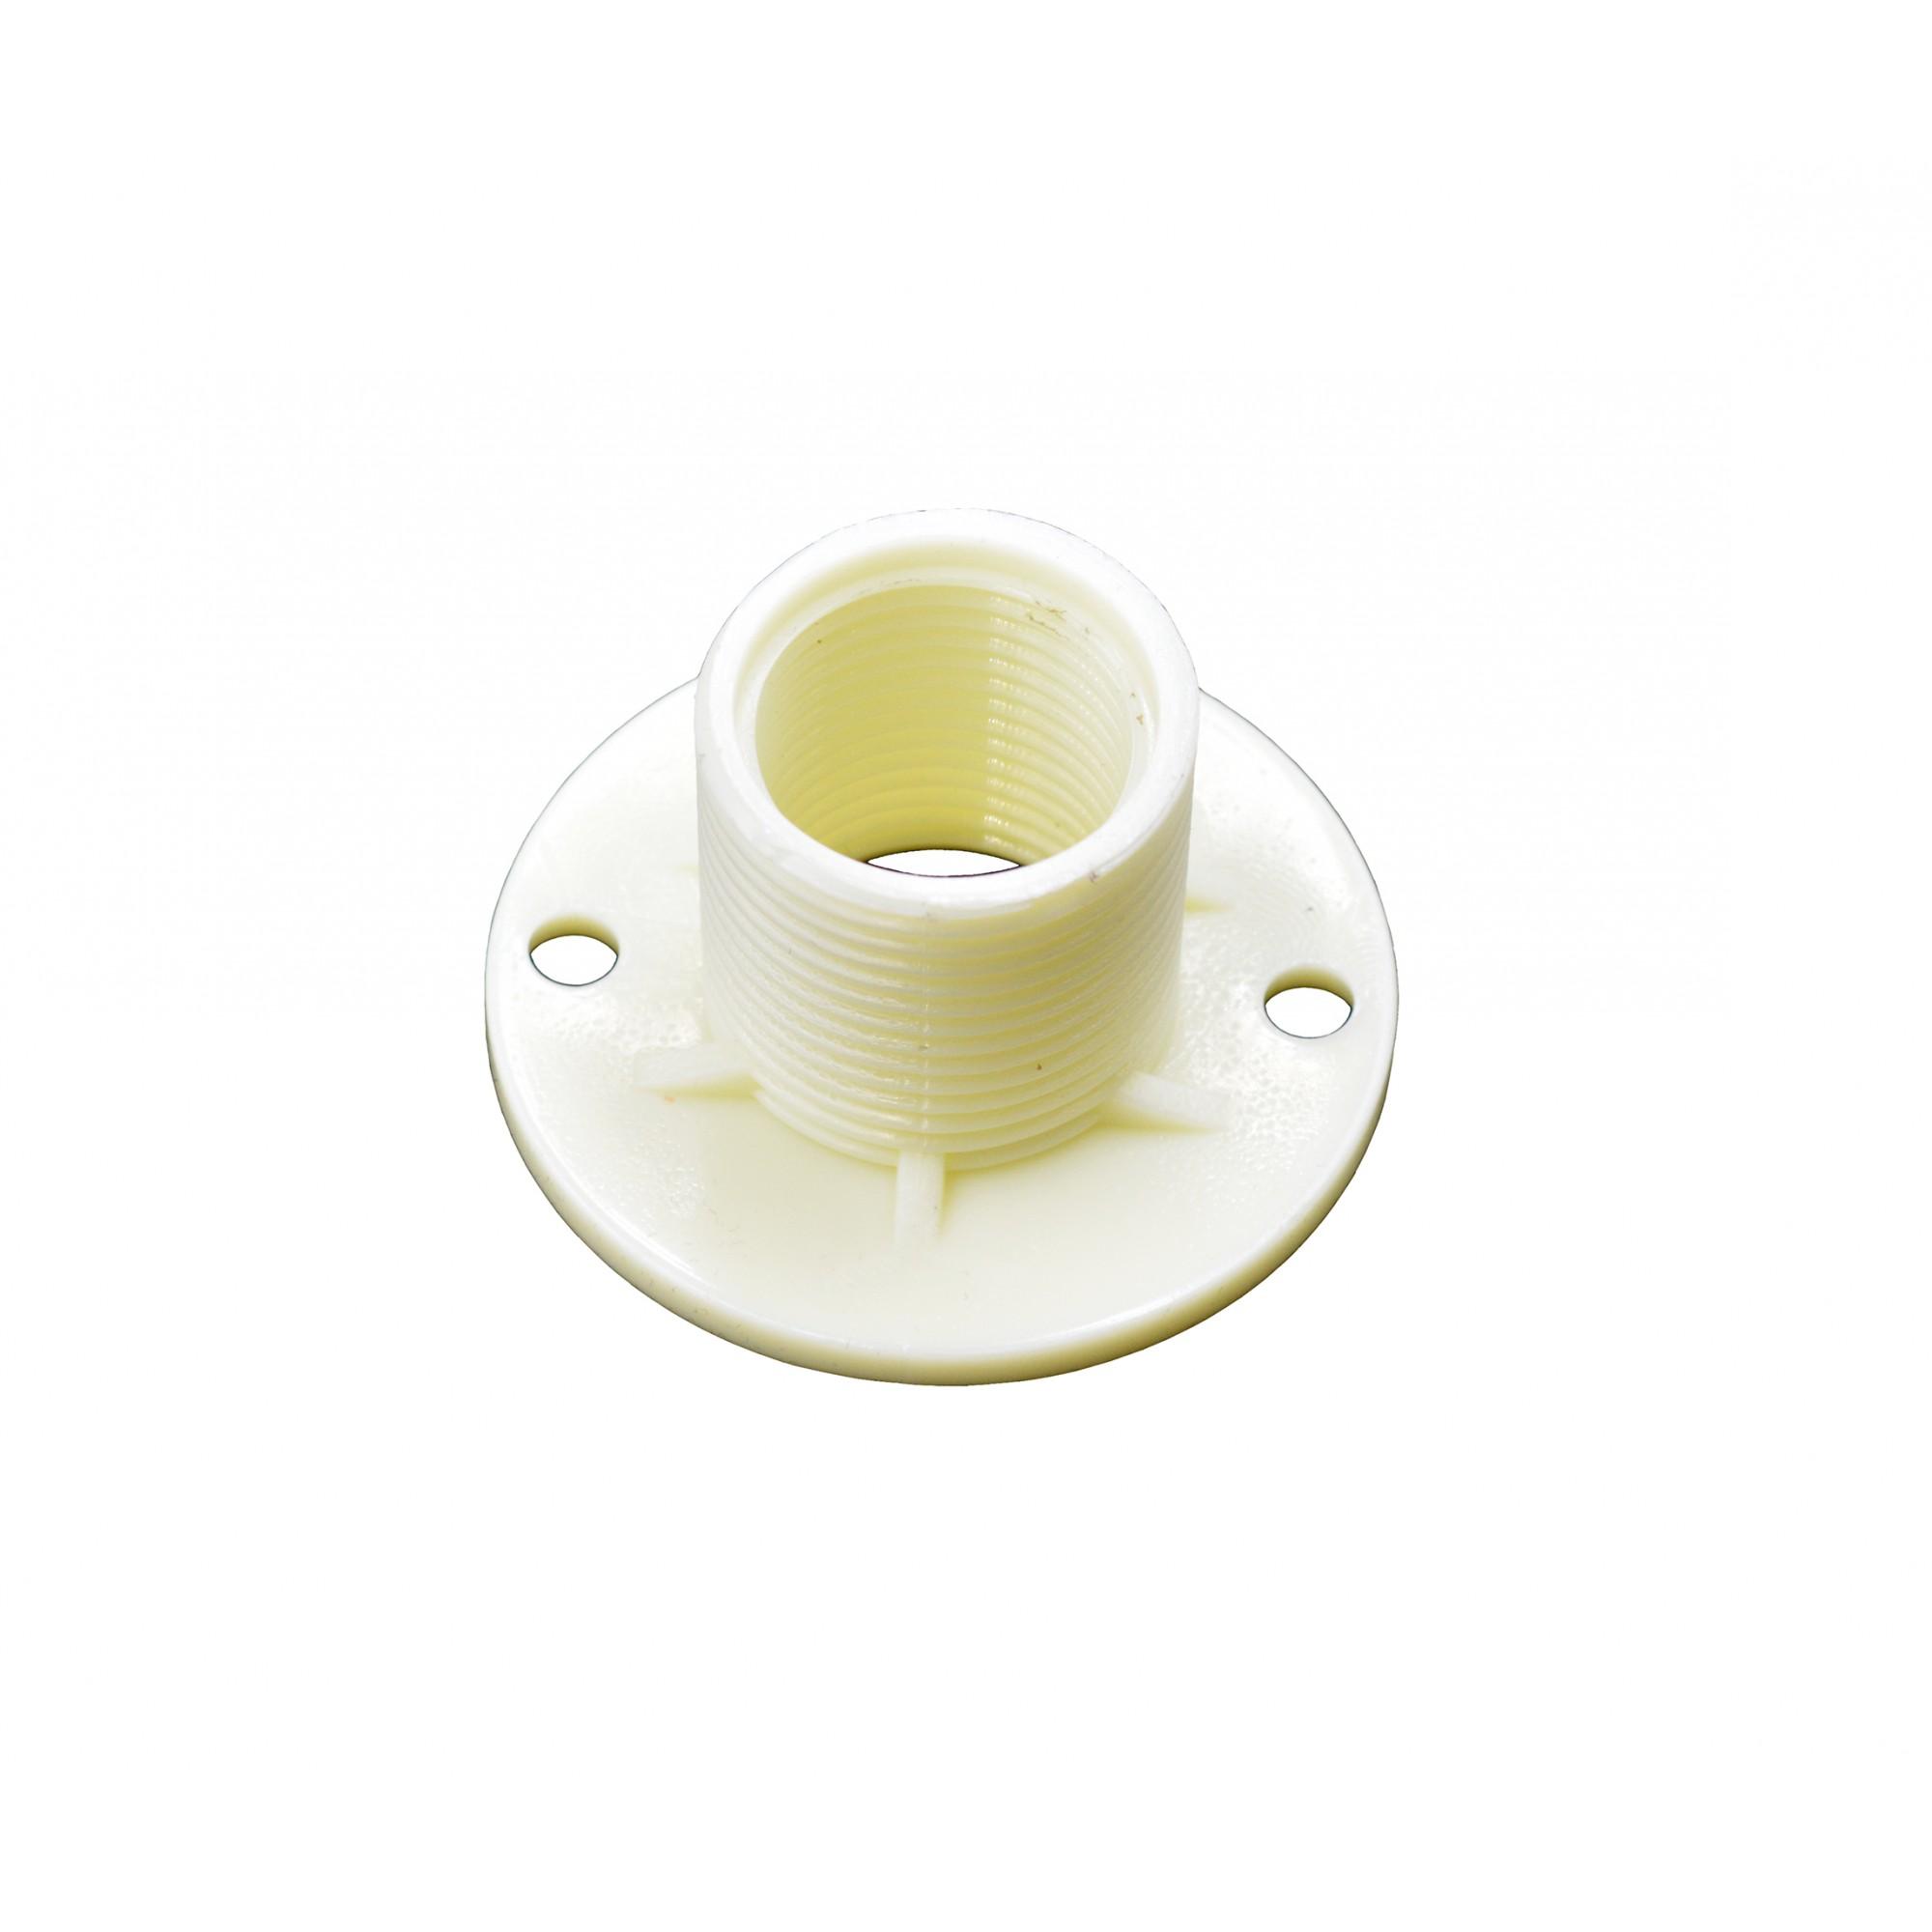 Крепеж для товара на выстовочный стенд,пластик, 3/4н*1/2в (ВВ-05)